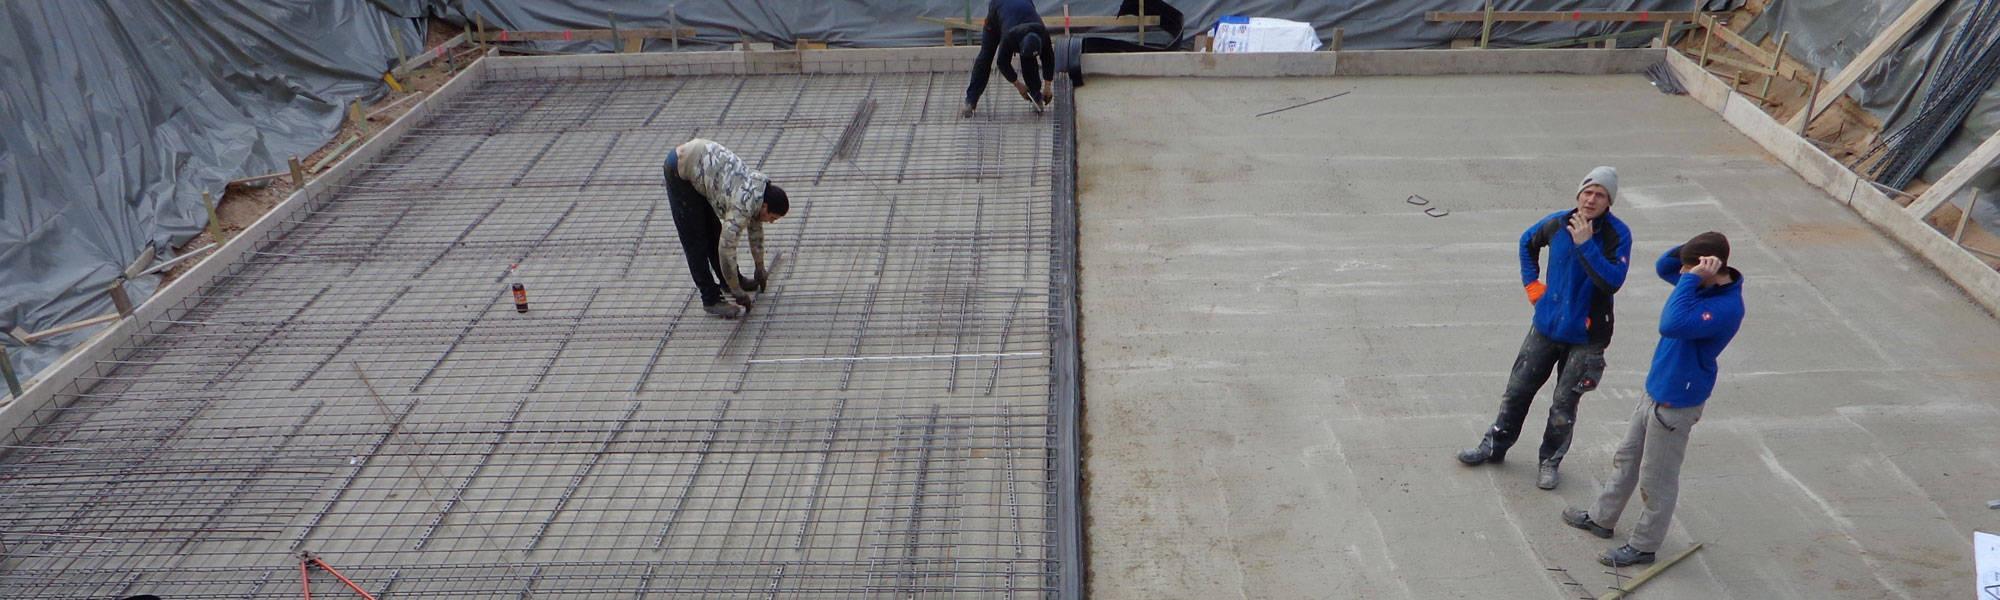 Bauunternehmen Viersen leistungen bauunternehmen ruetten brendgen gmbh